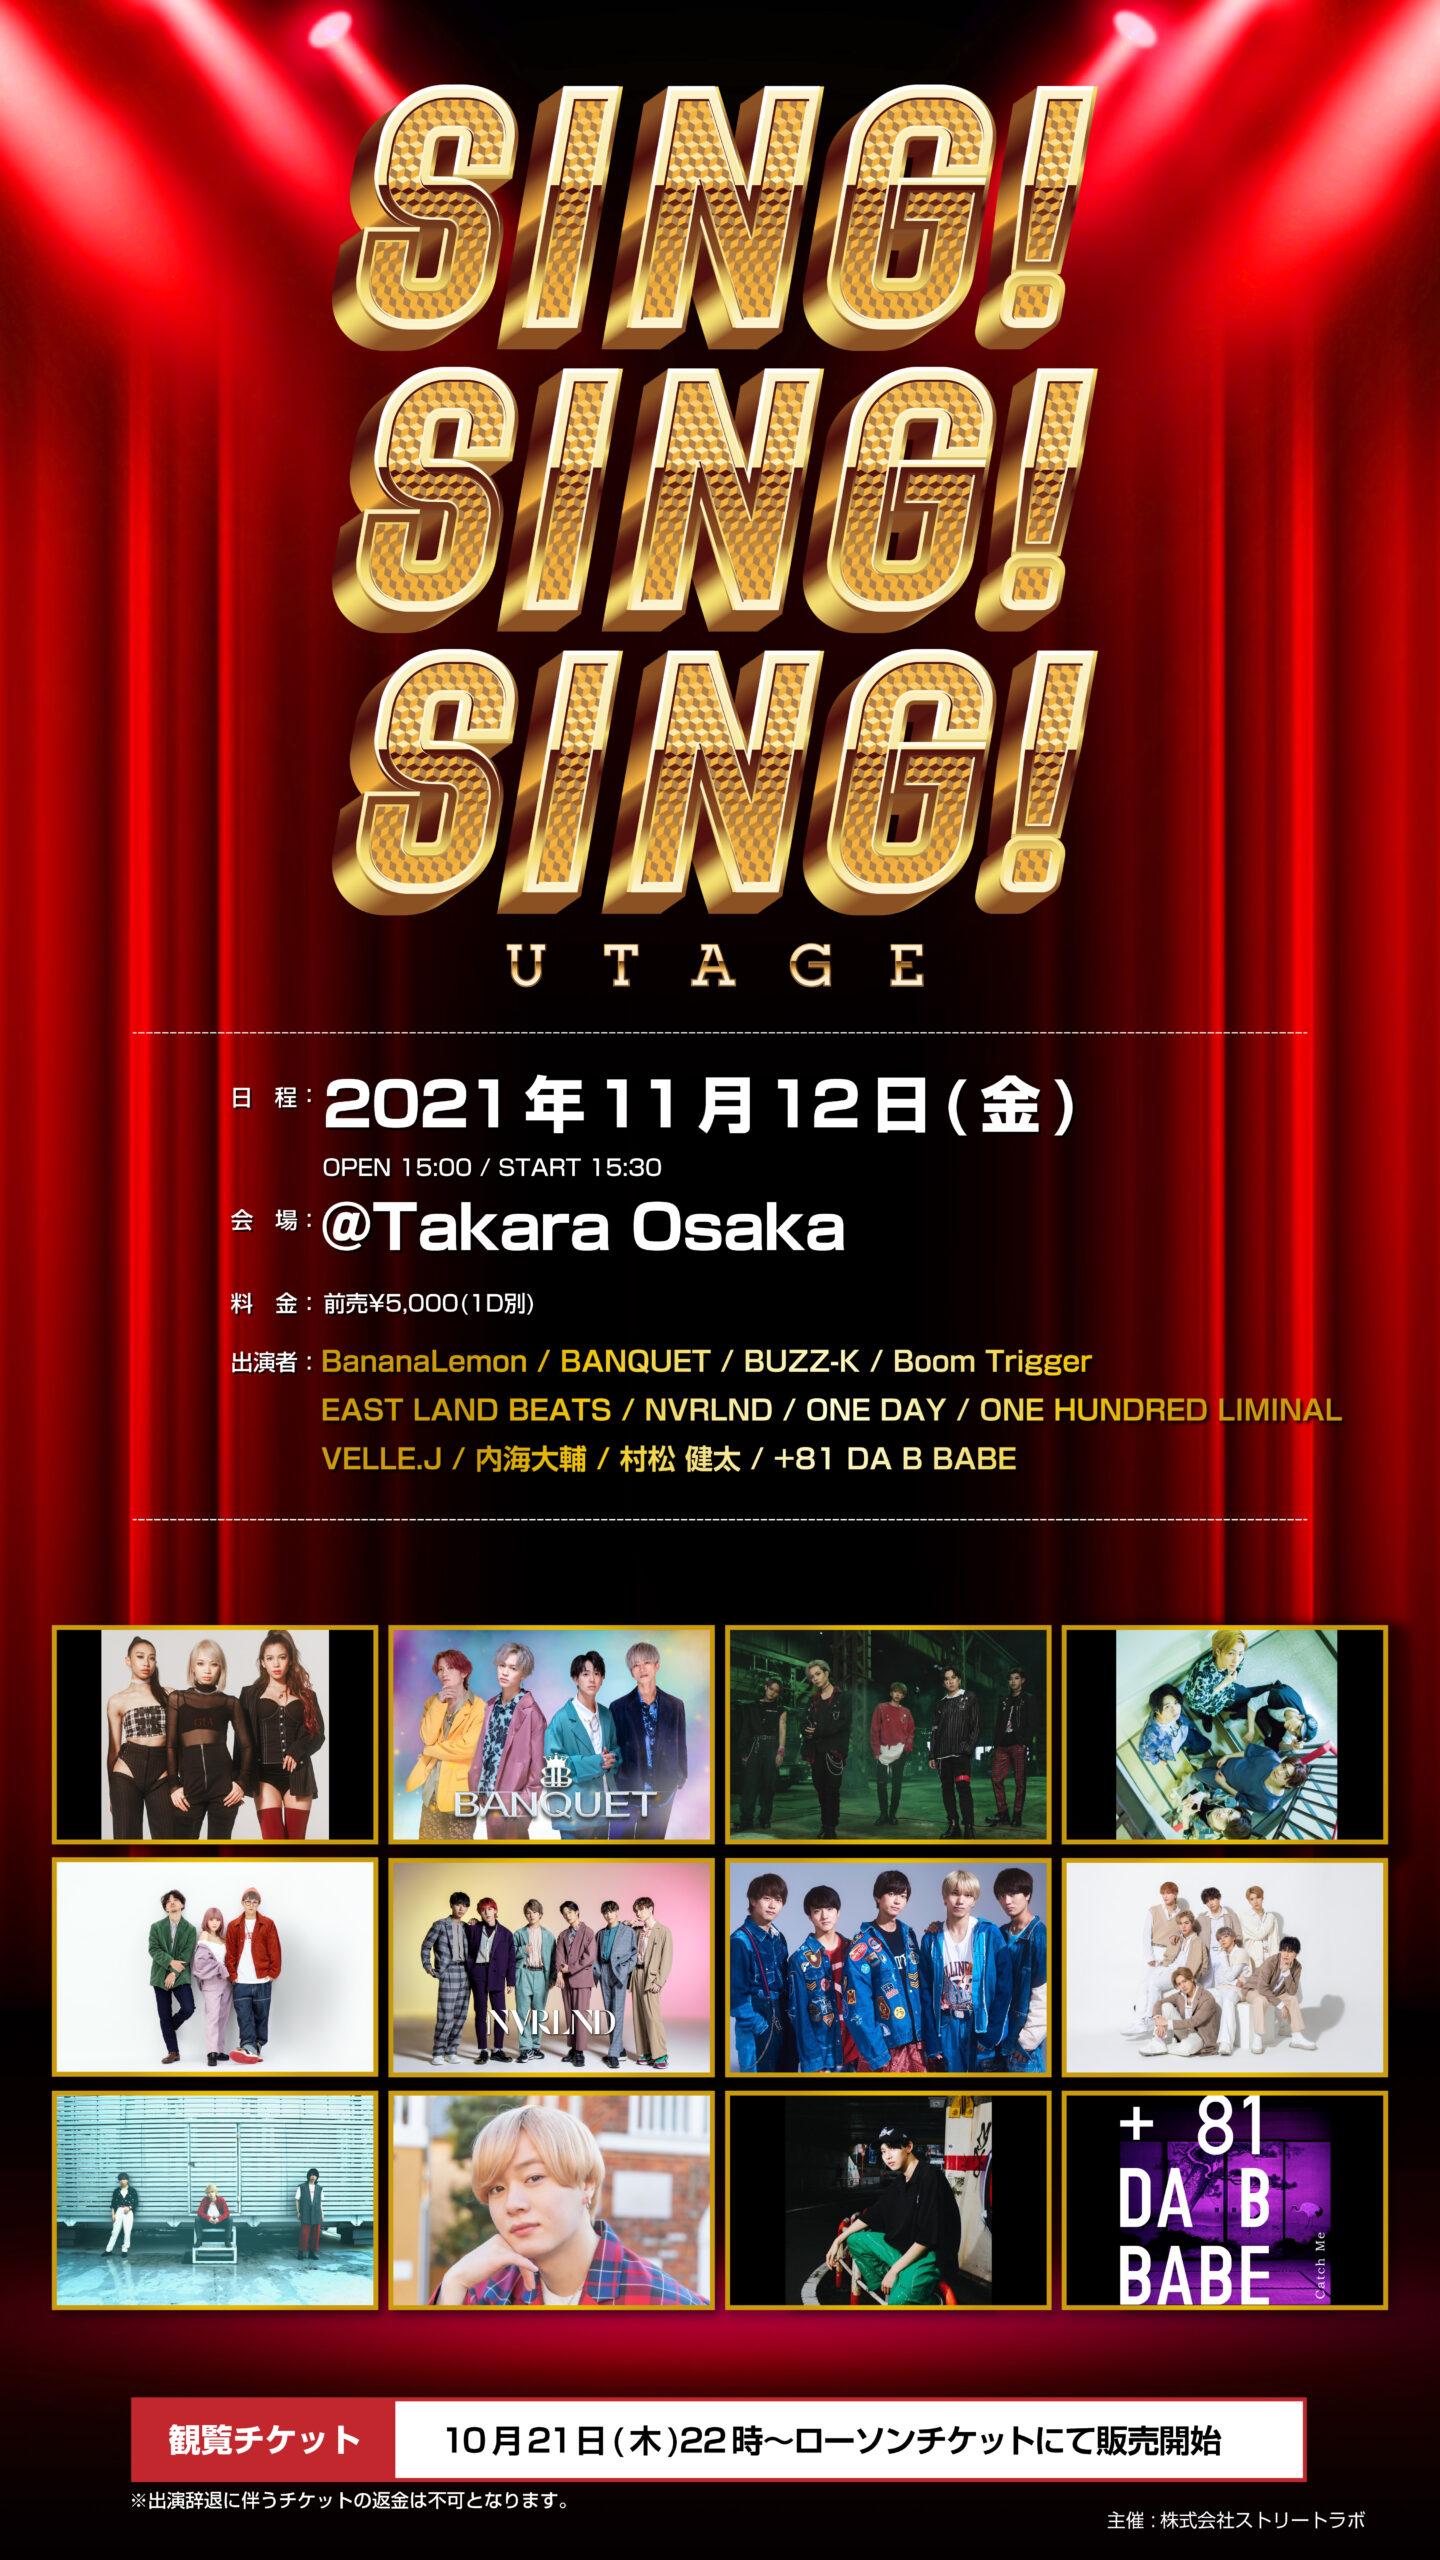 UTAGE SING!SING!SING! in OSAKA @Takara Osaka